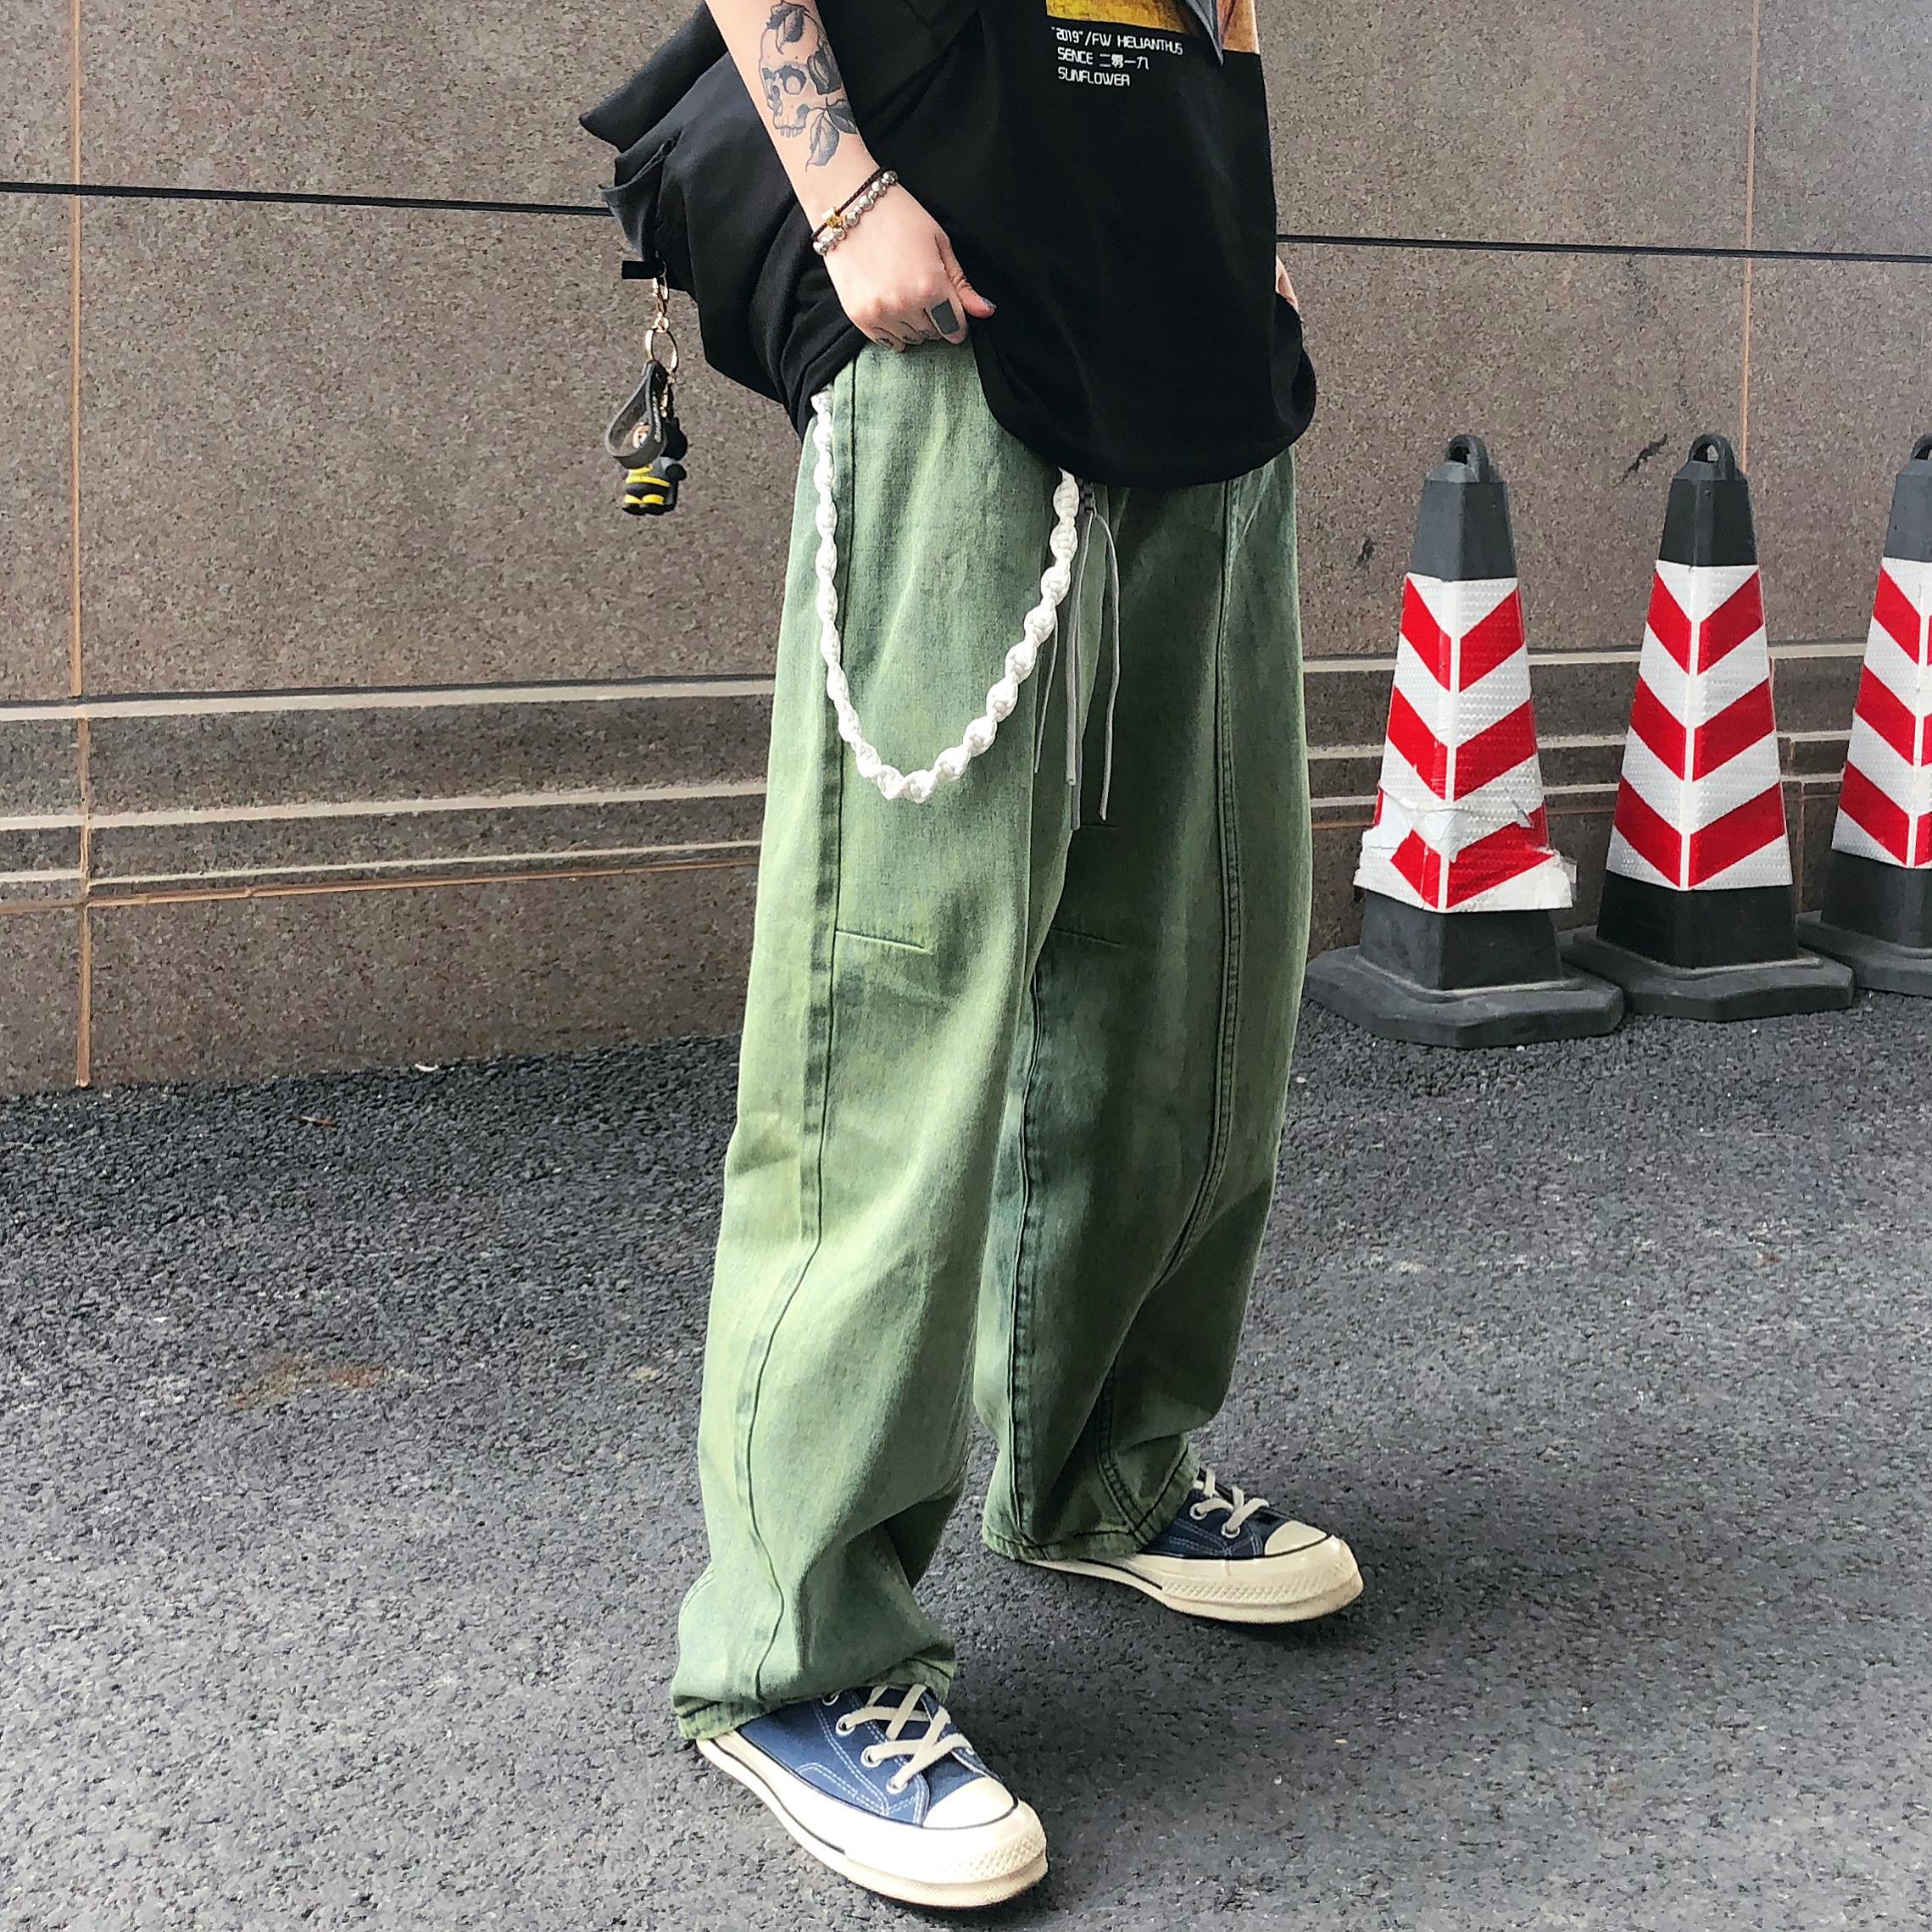 低腰直筒牛仔裤 LKSTORE TWOWINLAB 2020SS国潮绿色水洗嘻哈牛仔裤男女宽松直筒裤_推荐淘宝好看的女低腰直筒牛仔裤